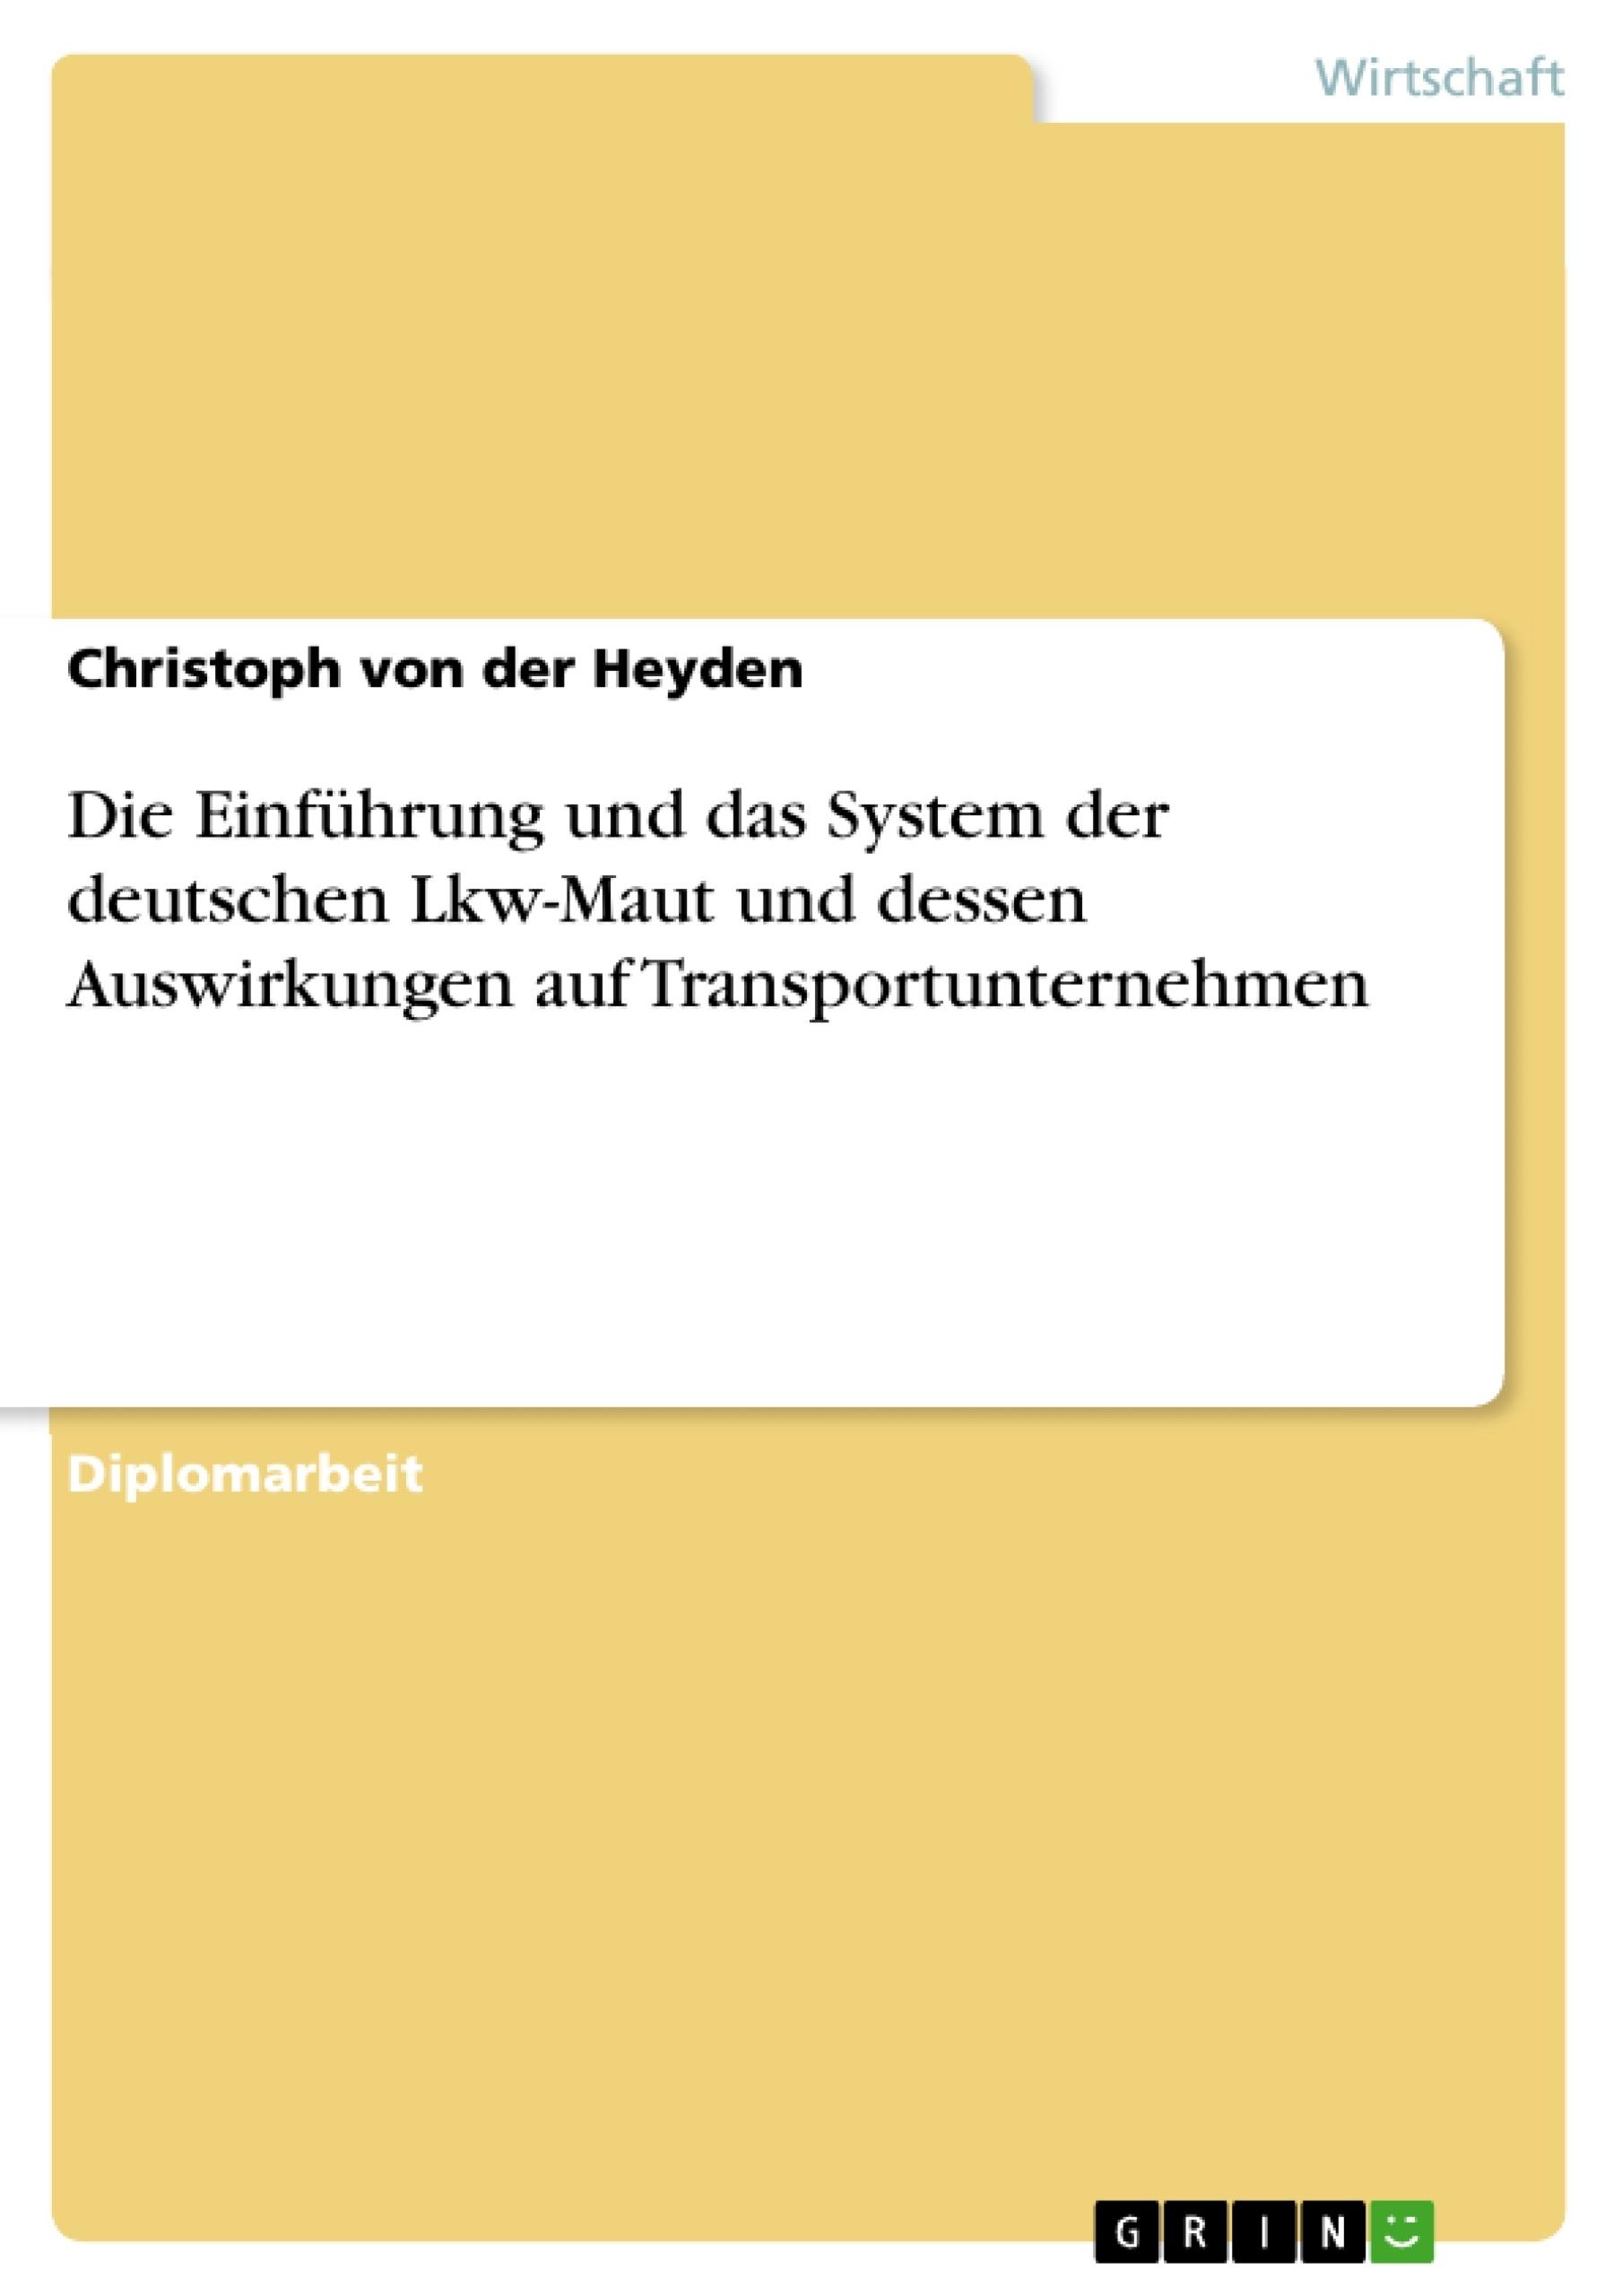 Titel: Die Einführung und das System der deutschen Lkw-Maut und dessen Auswirkungen auf Transportunternehmen